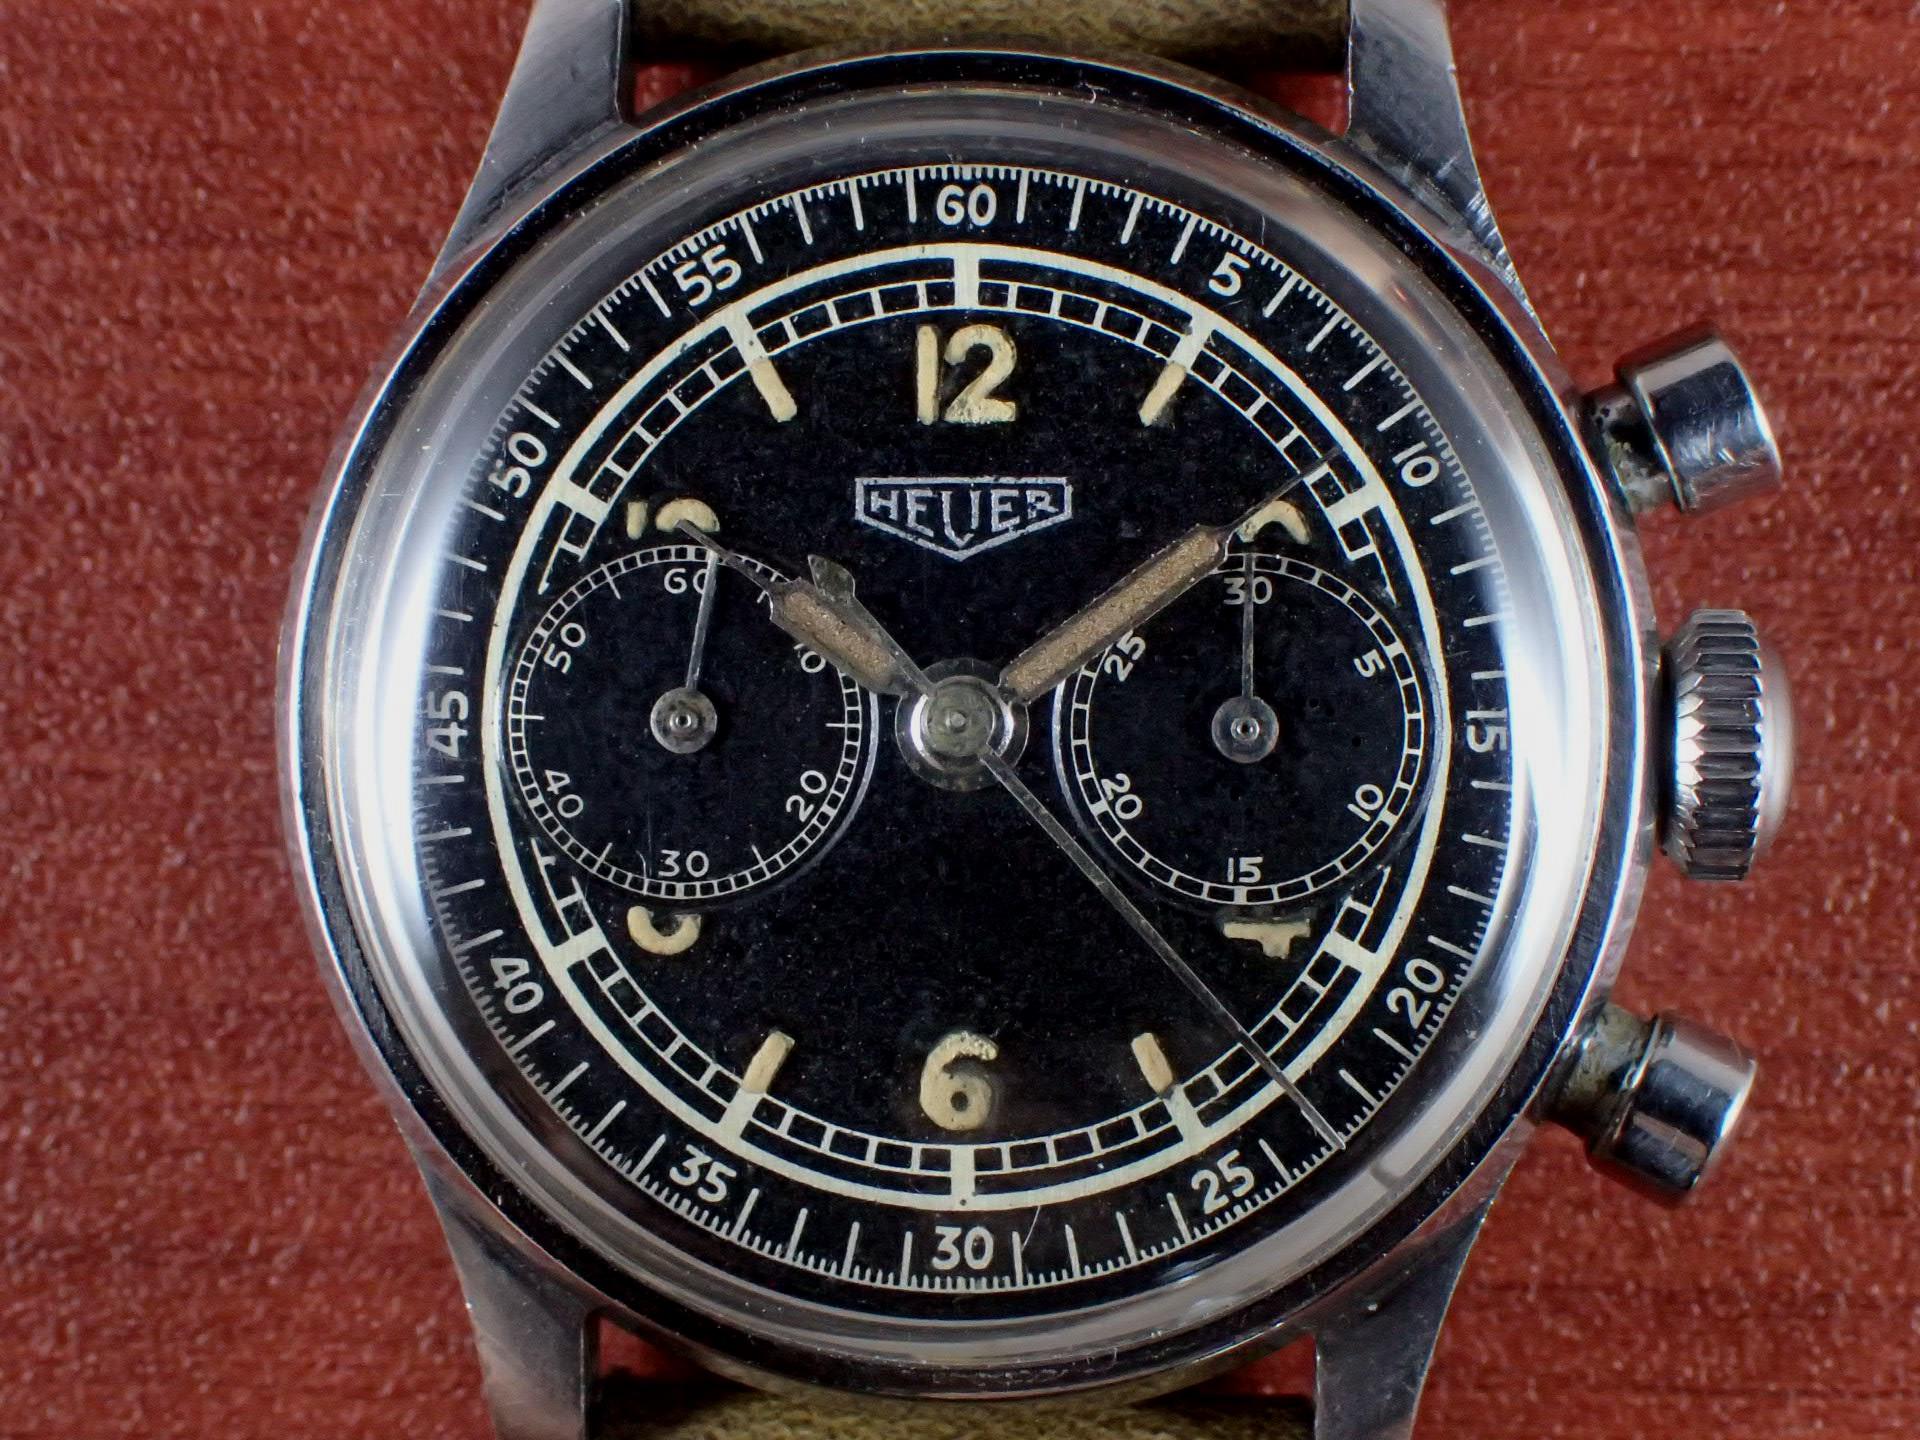 ホイヤー ベビークロノグラフ Cal.Valjoux69 ブラックダイアル 1940年代の写真2枚目